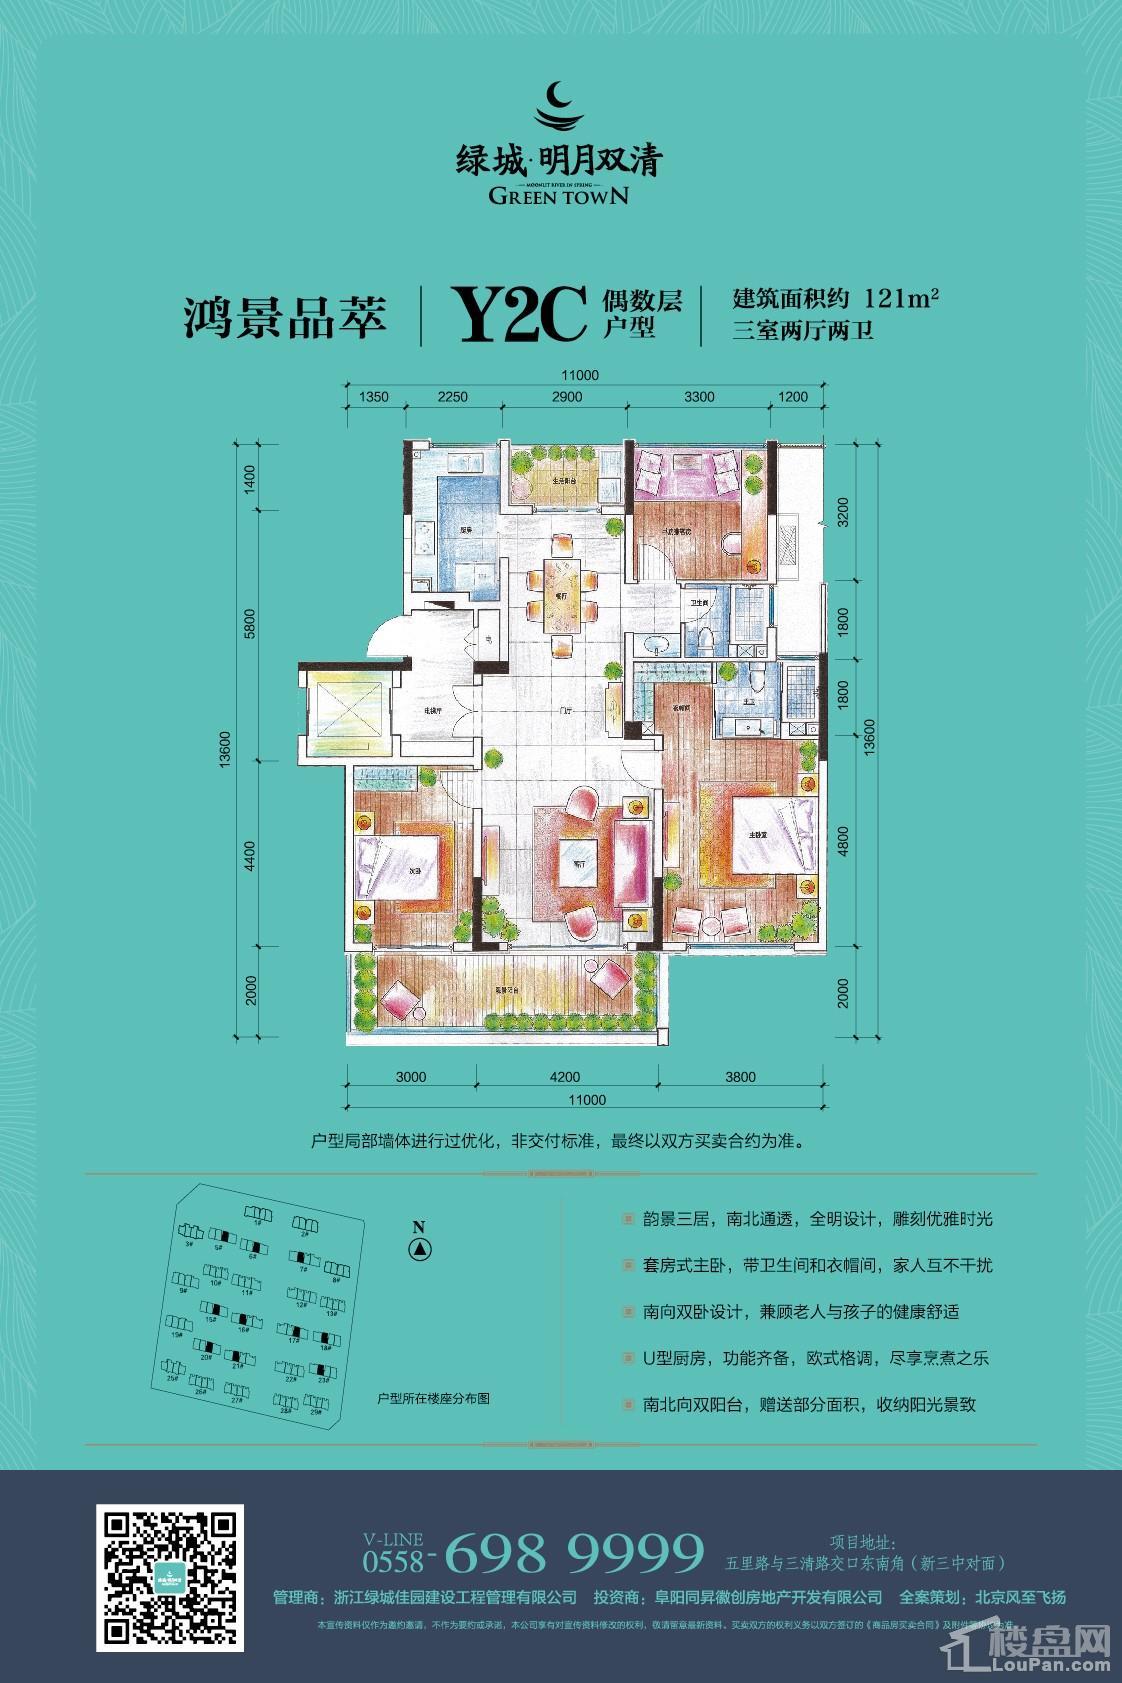 Y2C偶数层户型